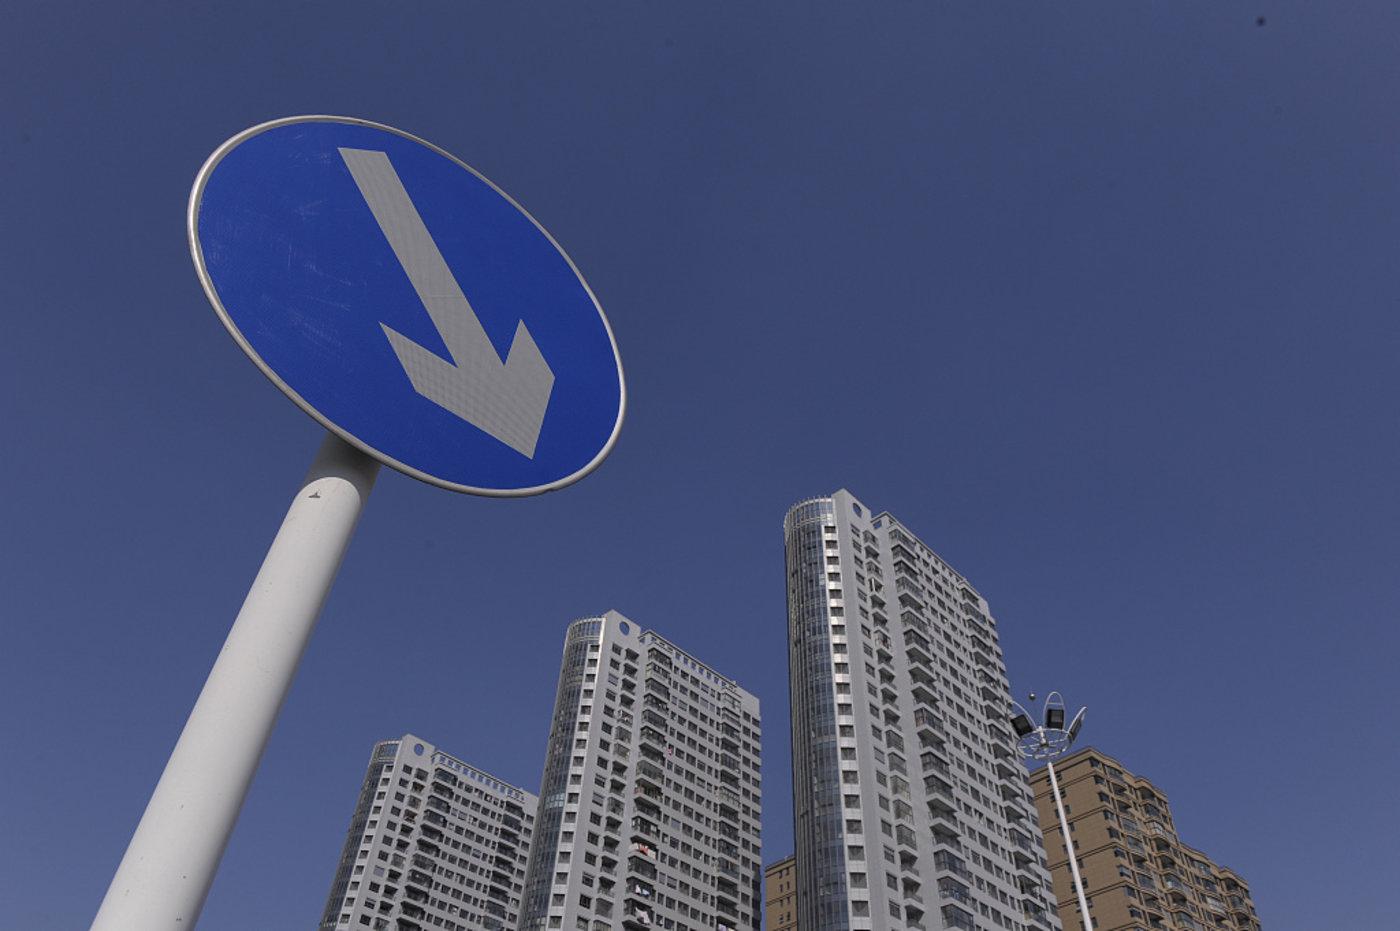 上市公司集体卖楼求生 熊市下成交几率有多大?